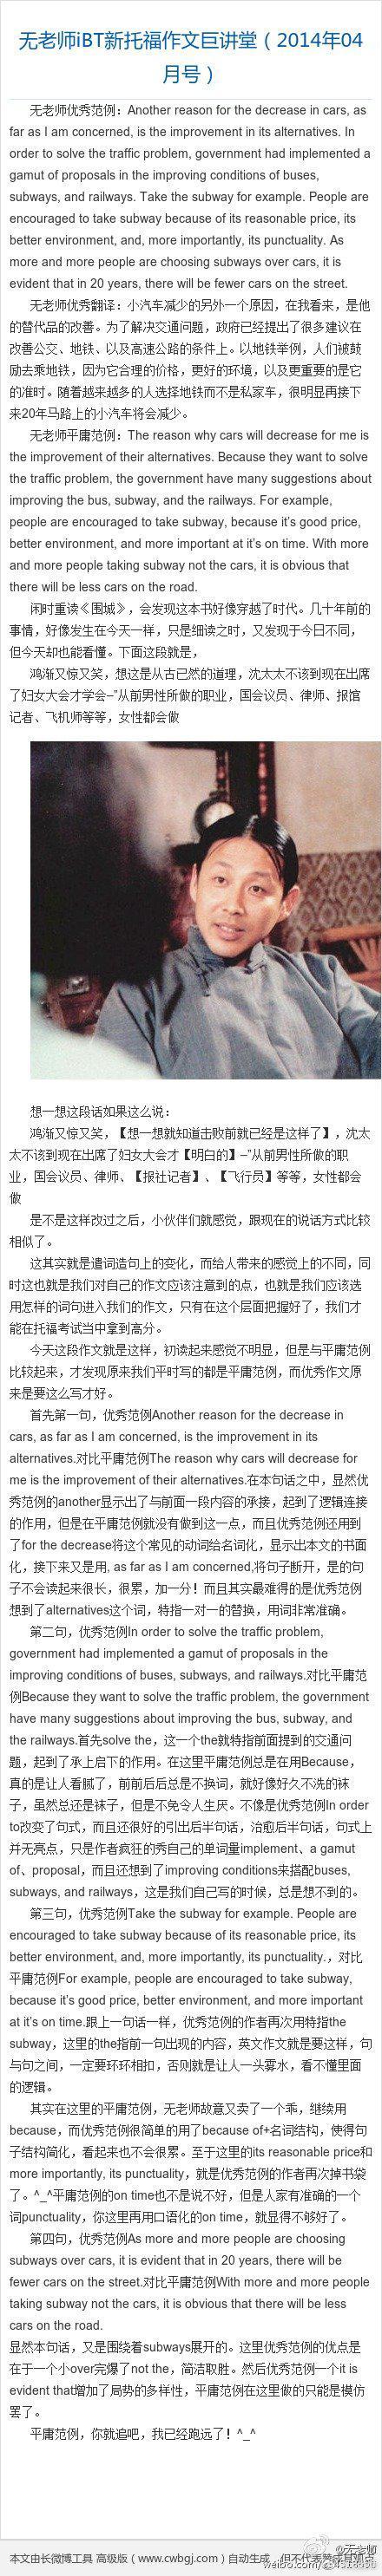 无老师iBT新托福作文巨讲堂(2014年04月号)